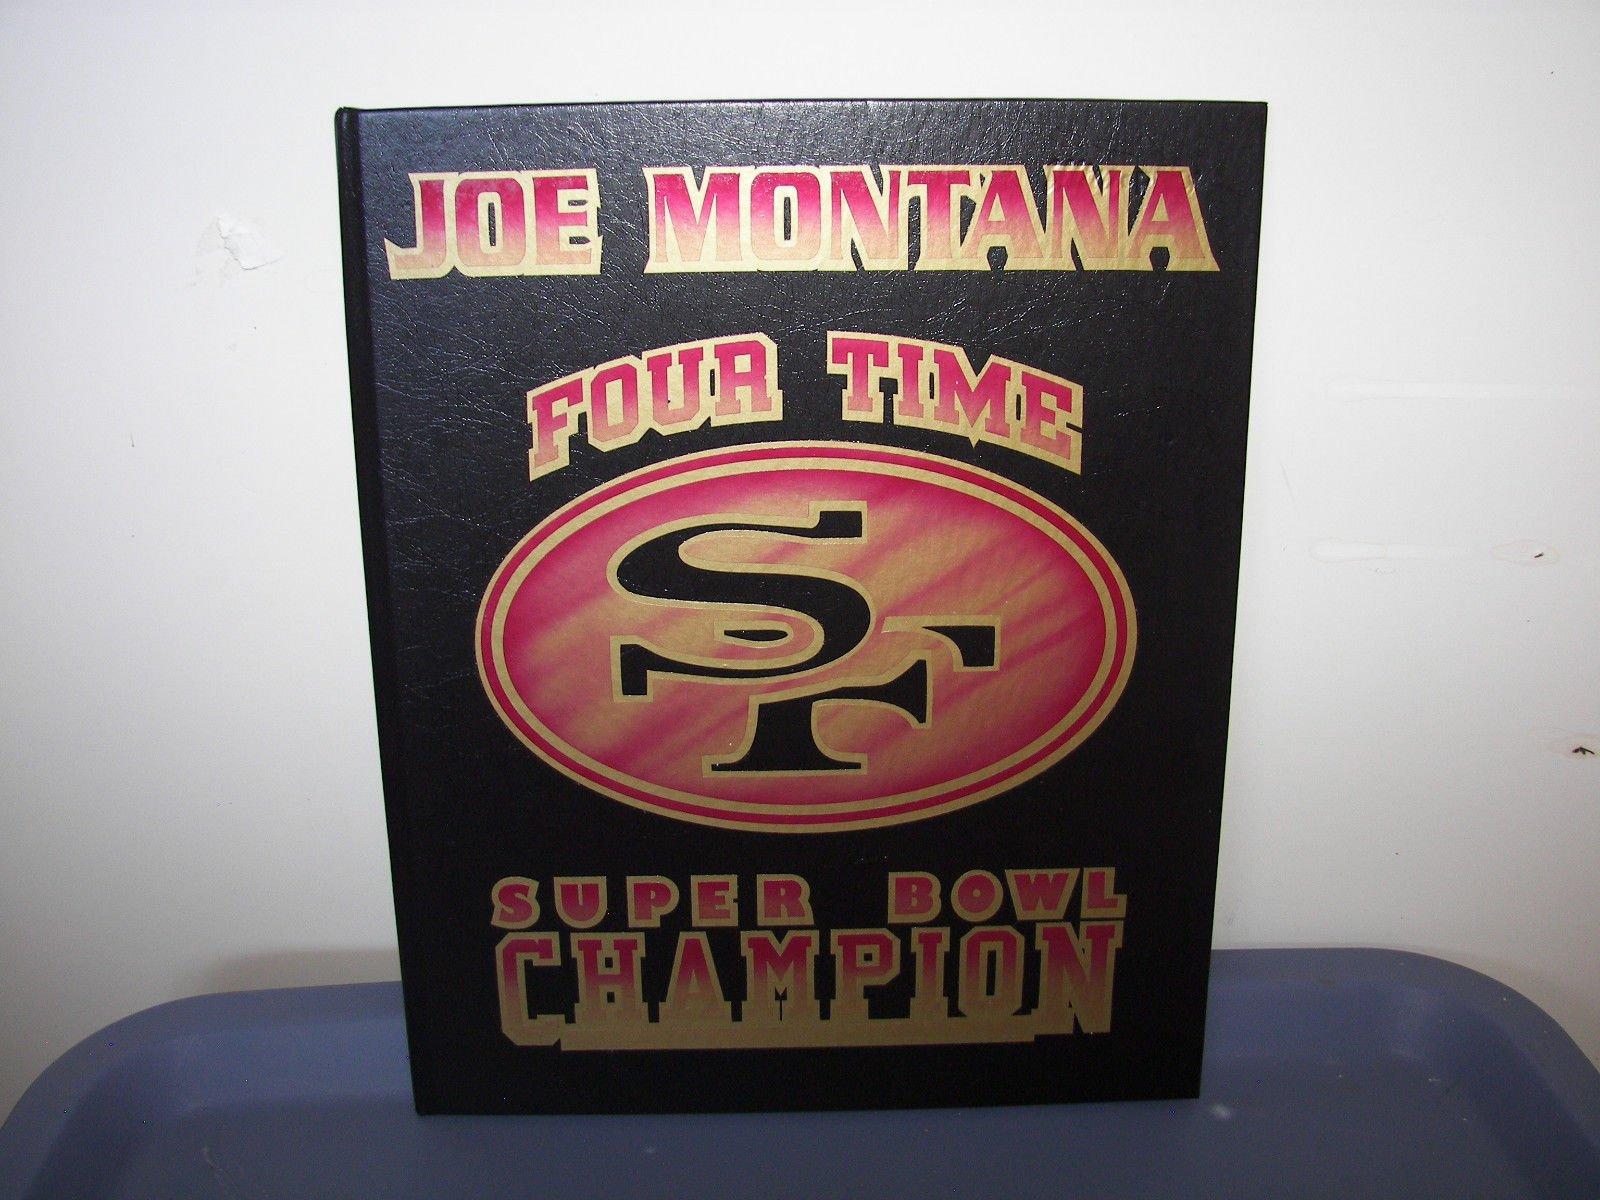 Joe Montana 49ers Signed Autograph Football 8x10 Photo Coffee Table Book AUTO